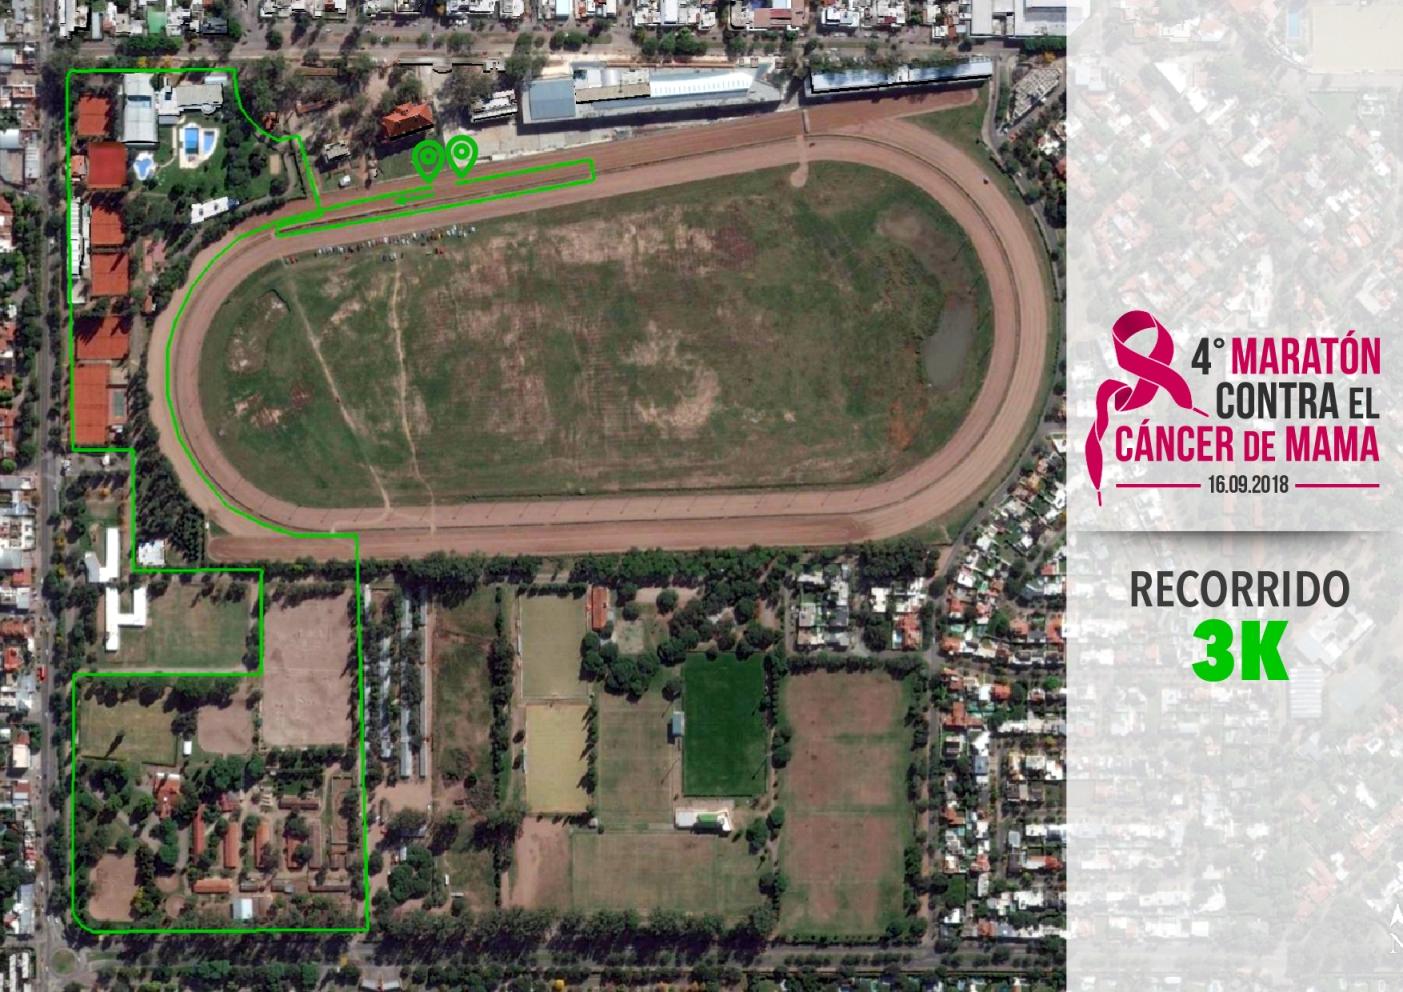 4ta Maratón Contra el Cáncer de Mama - Circuito 3K